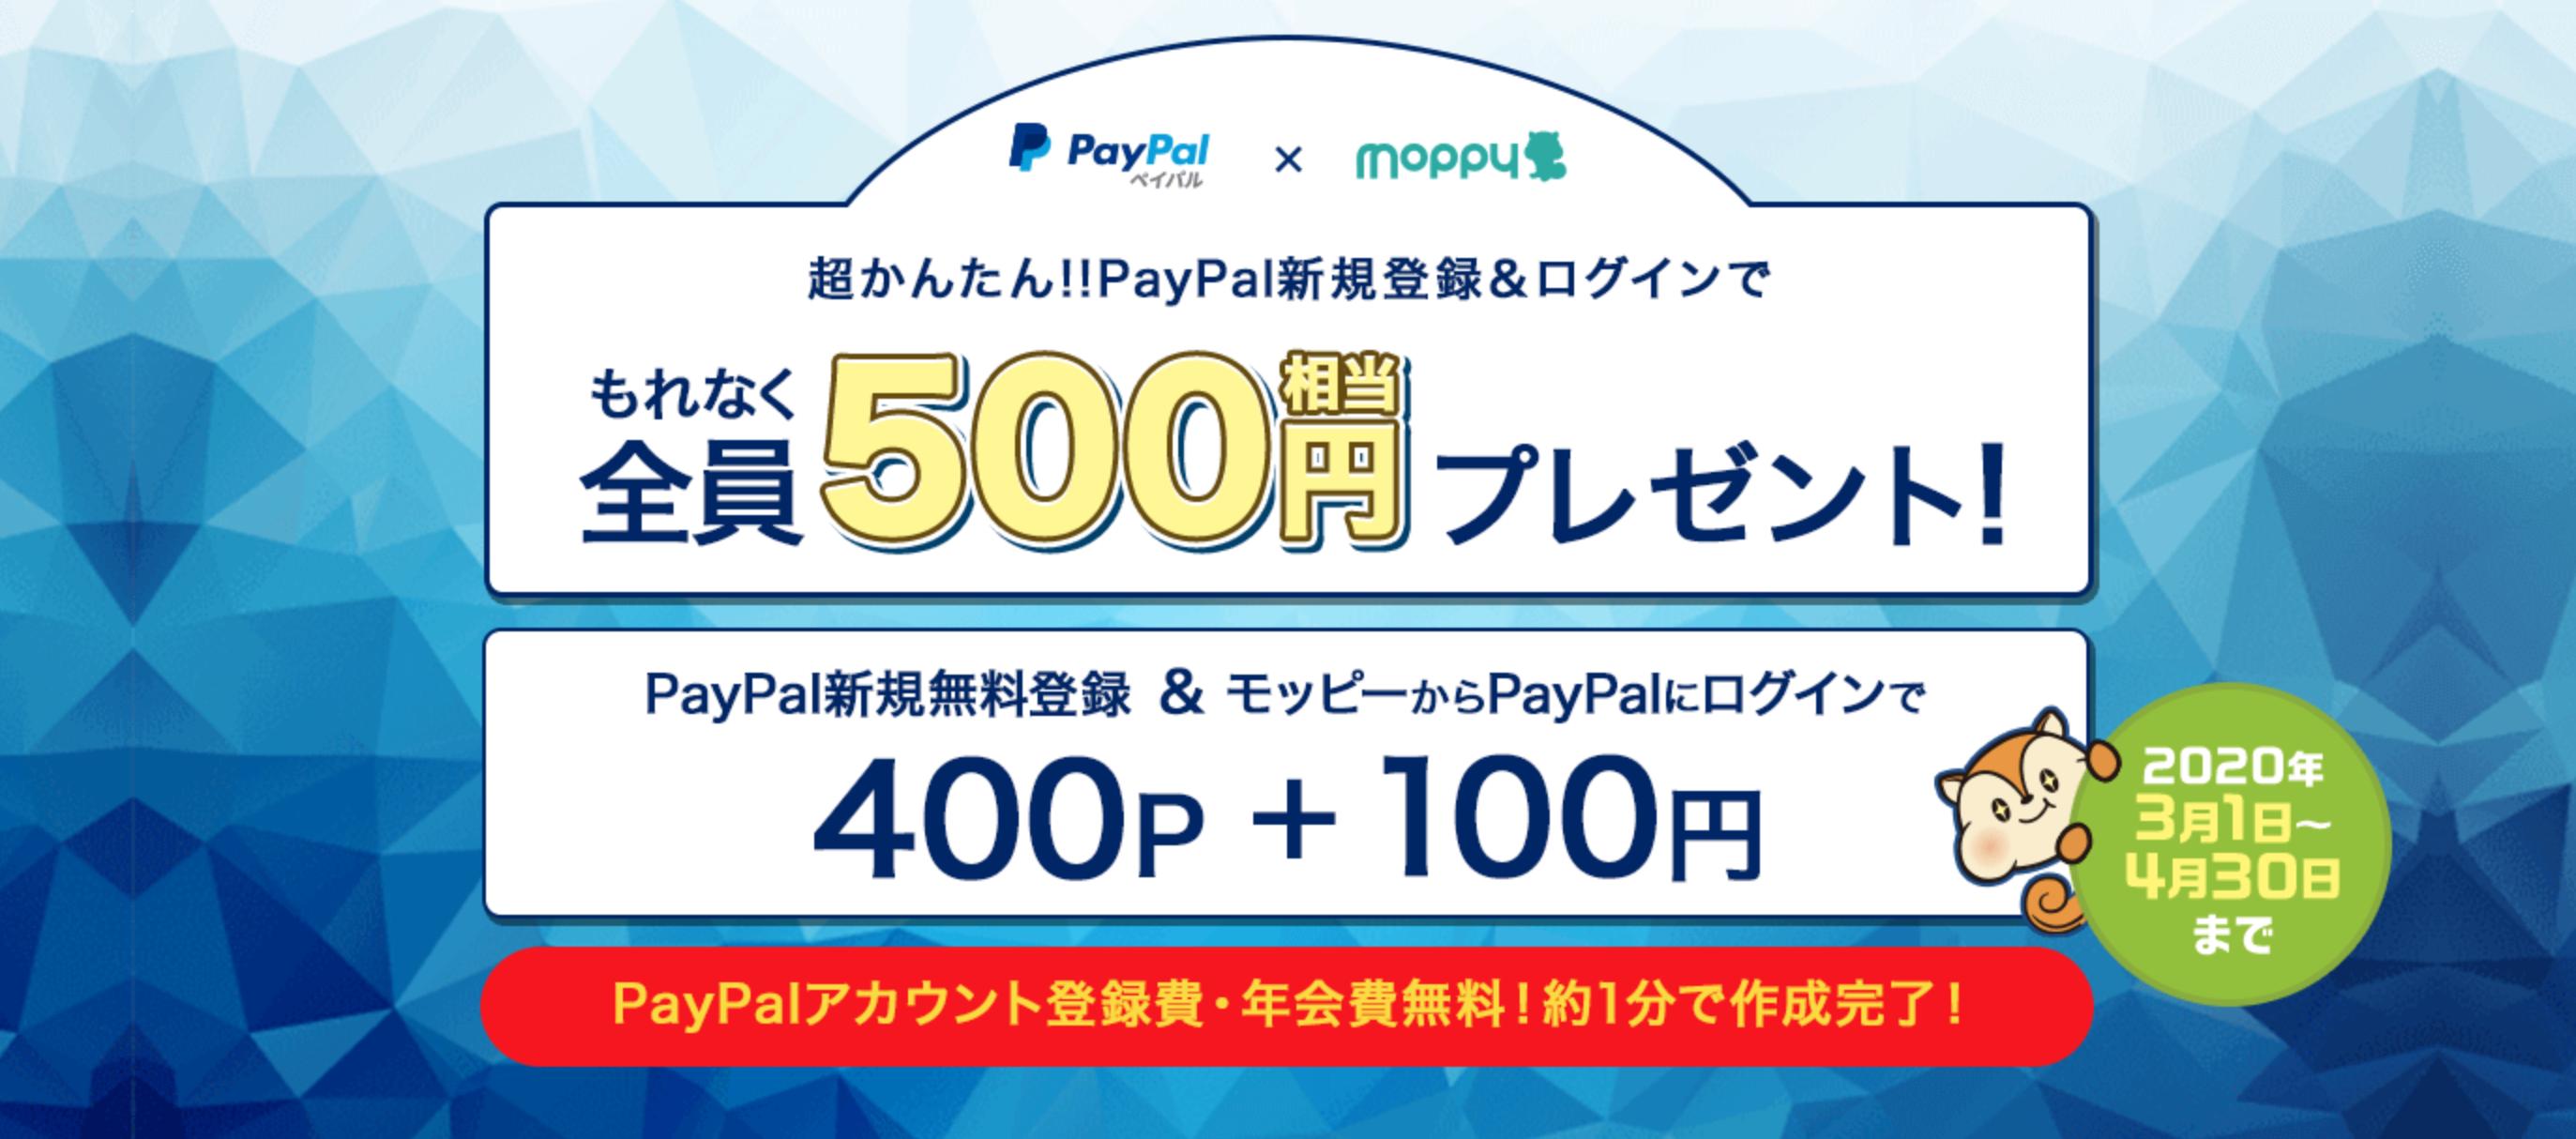 モッピーのpaypal新規登録キャンペーン